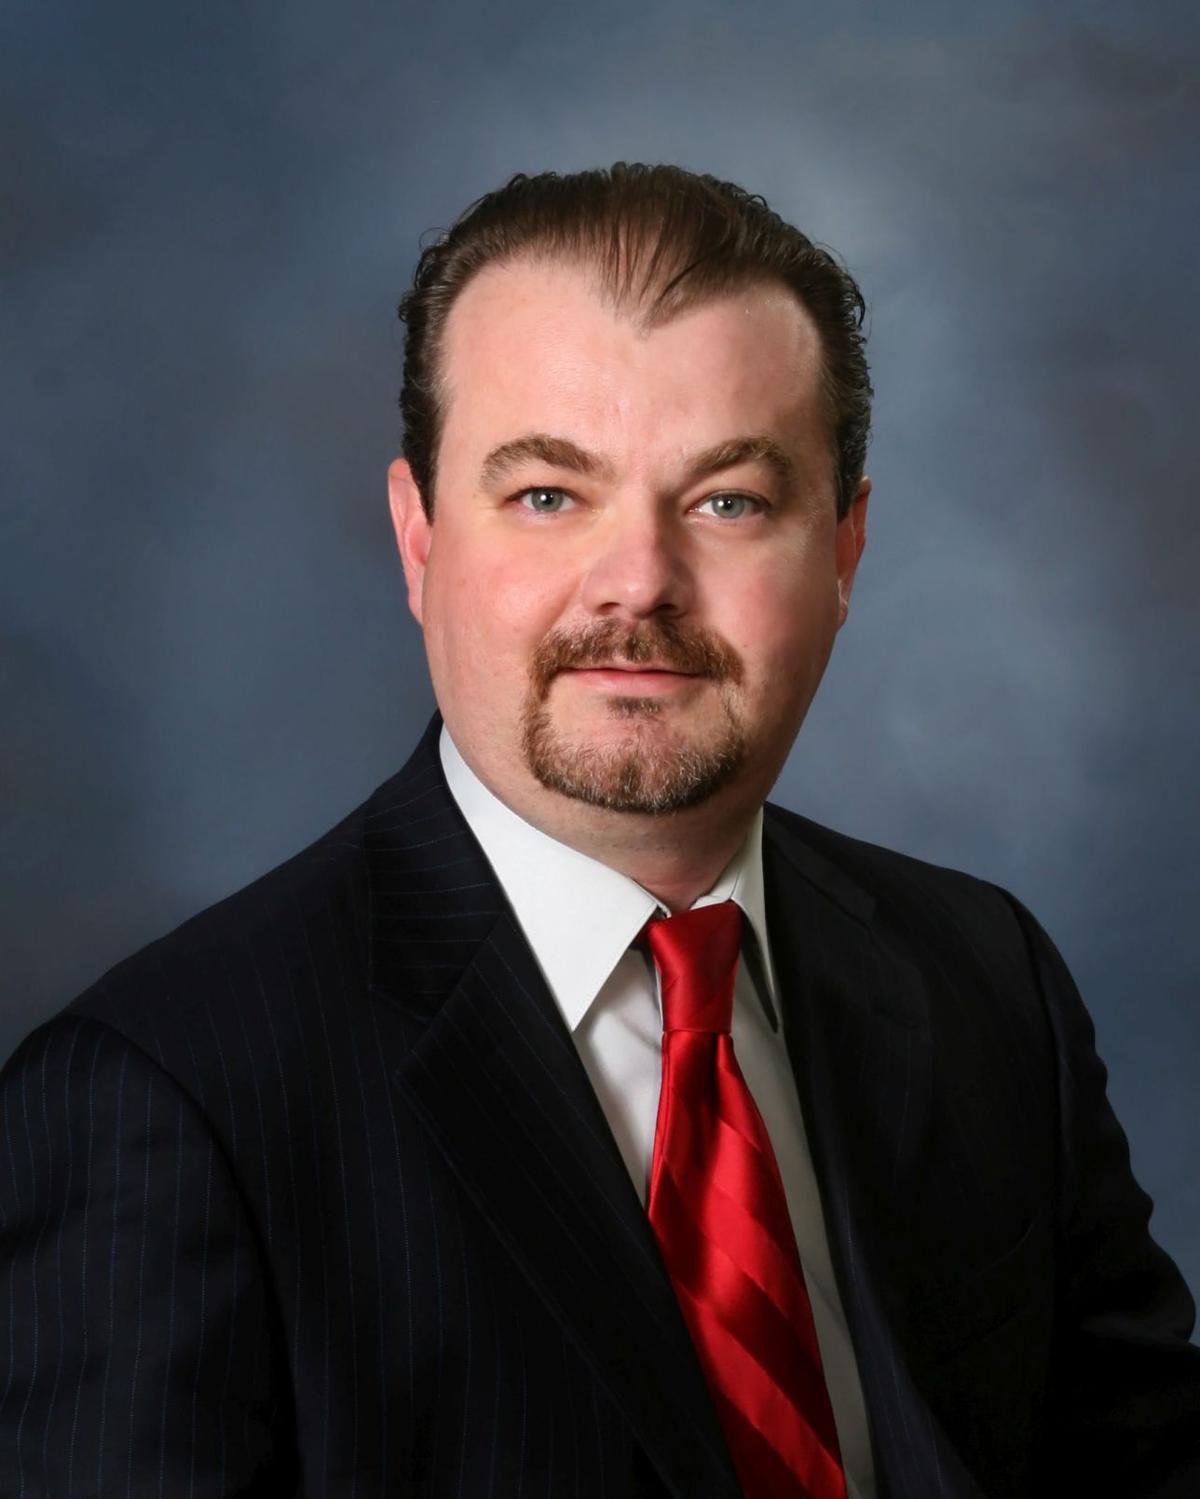 DNC delegate spotlight: William Frick